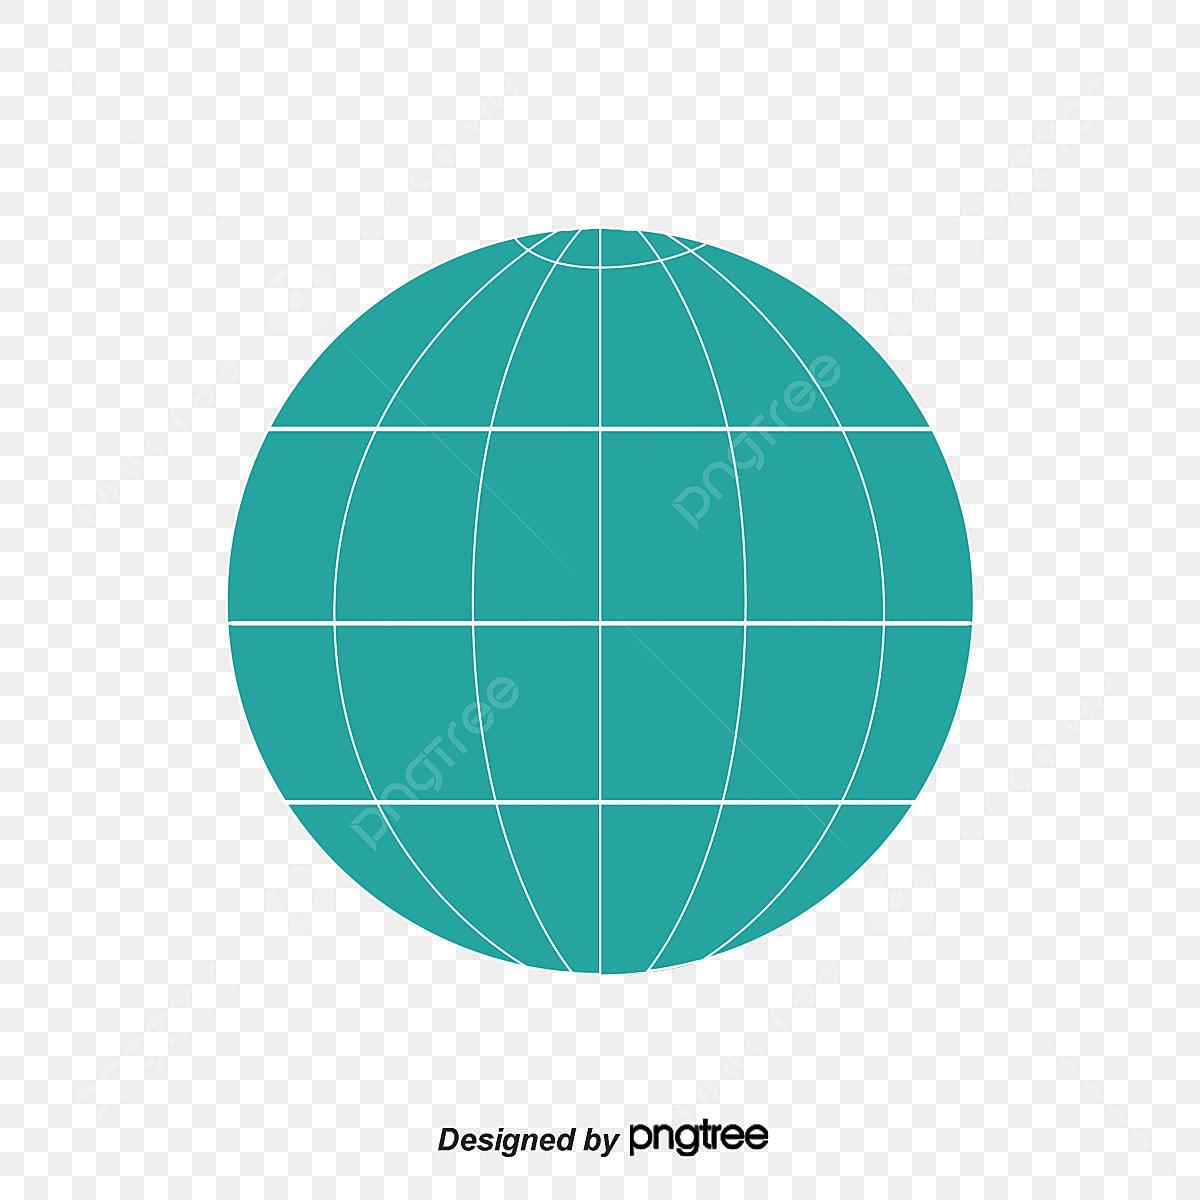 جوهرة حجز شلل كرة ارضية للتصميم Dsvdedommel Com